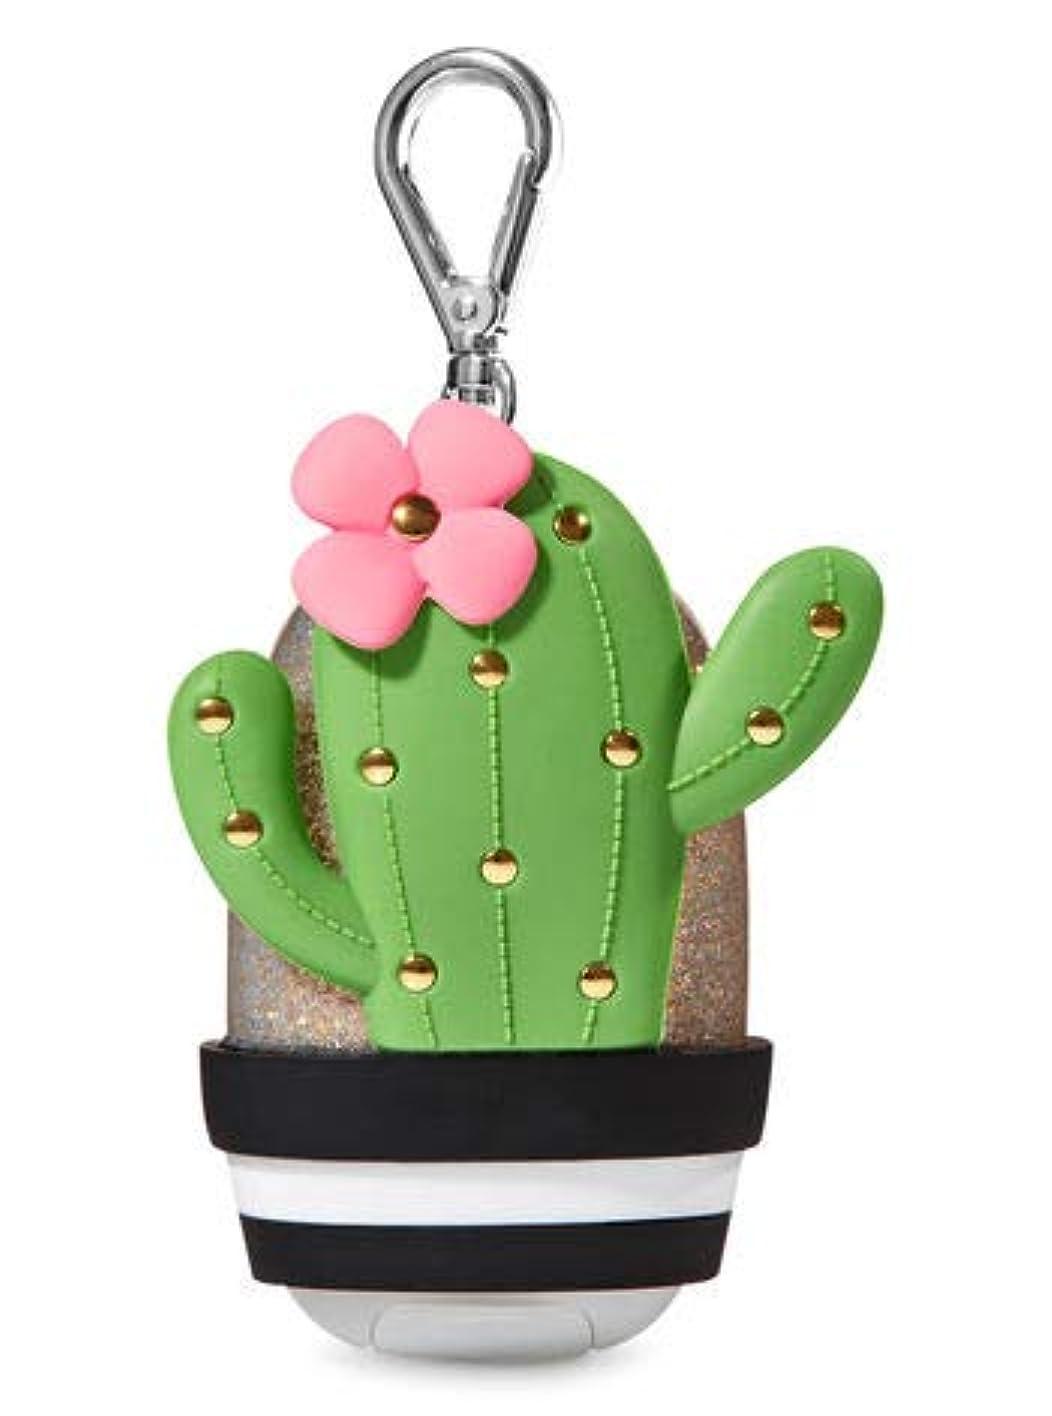 収入悪意提供する【Bath&Body Works/バス&ボディワークス】 抗菌ハンドジェルホルダー カクタス Pocketbac Holder Cactus [並行輸入品]